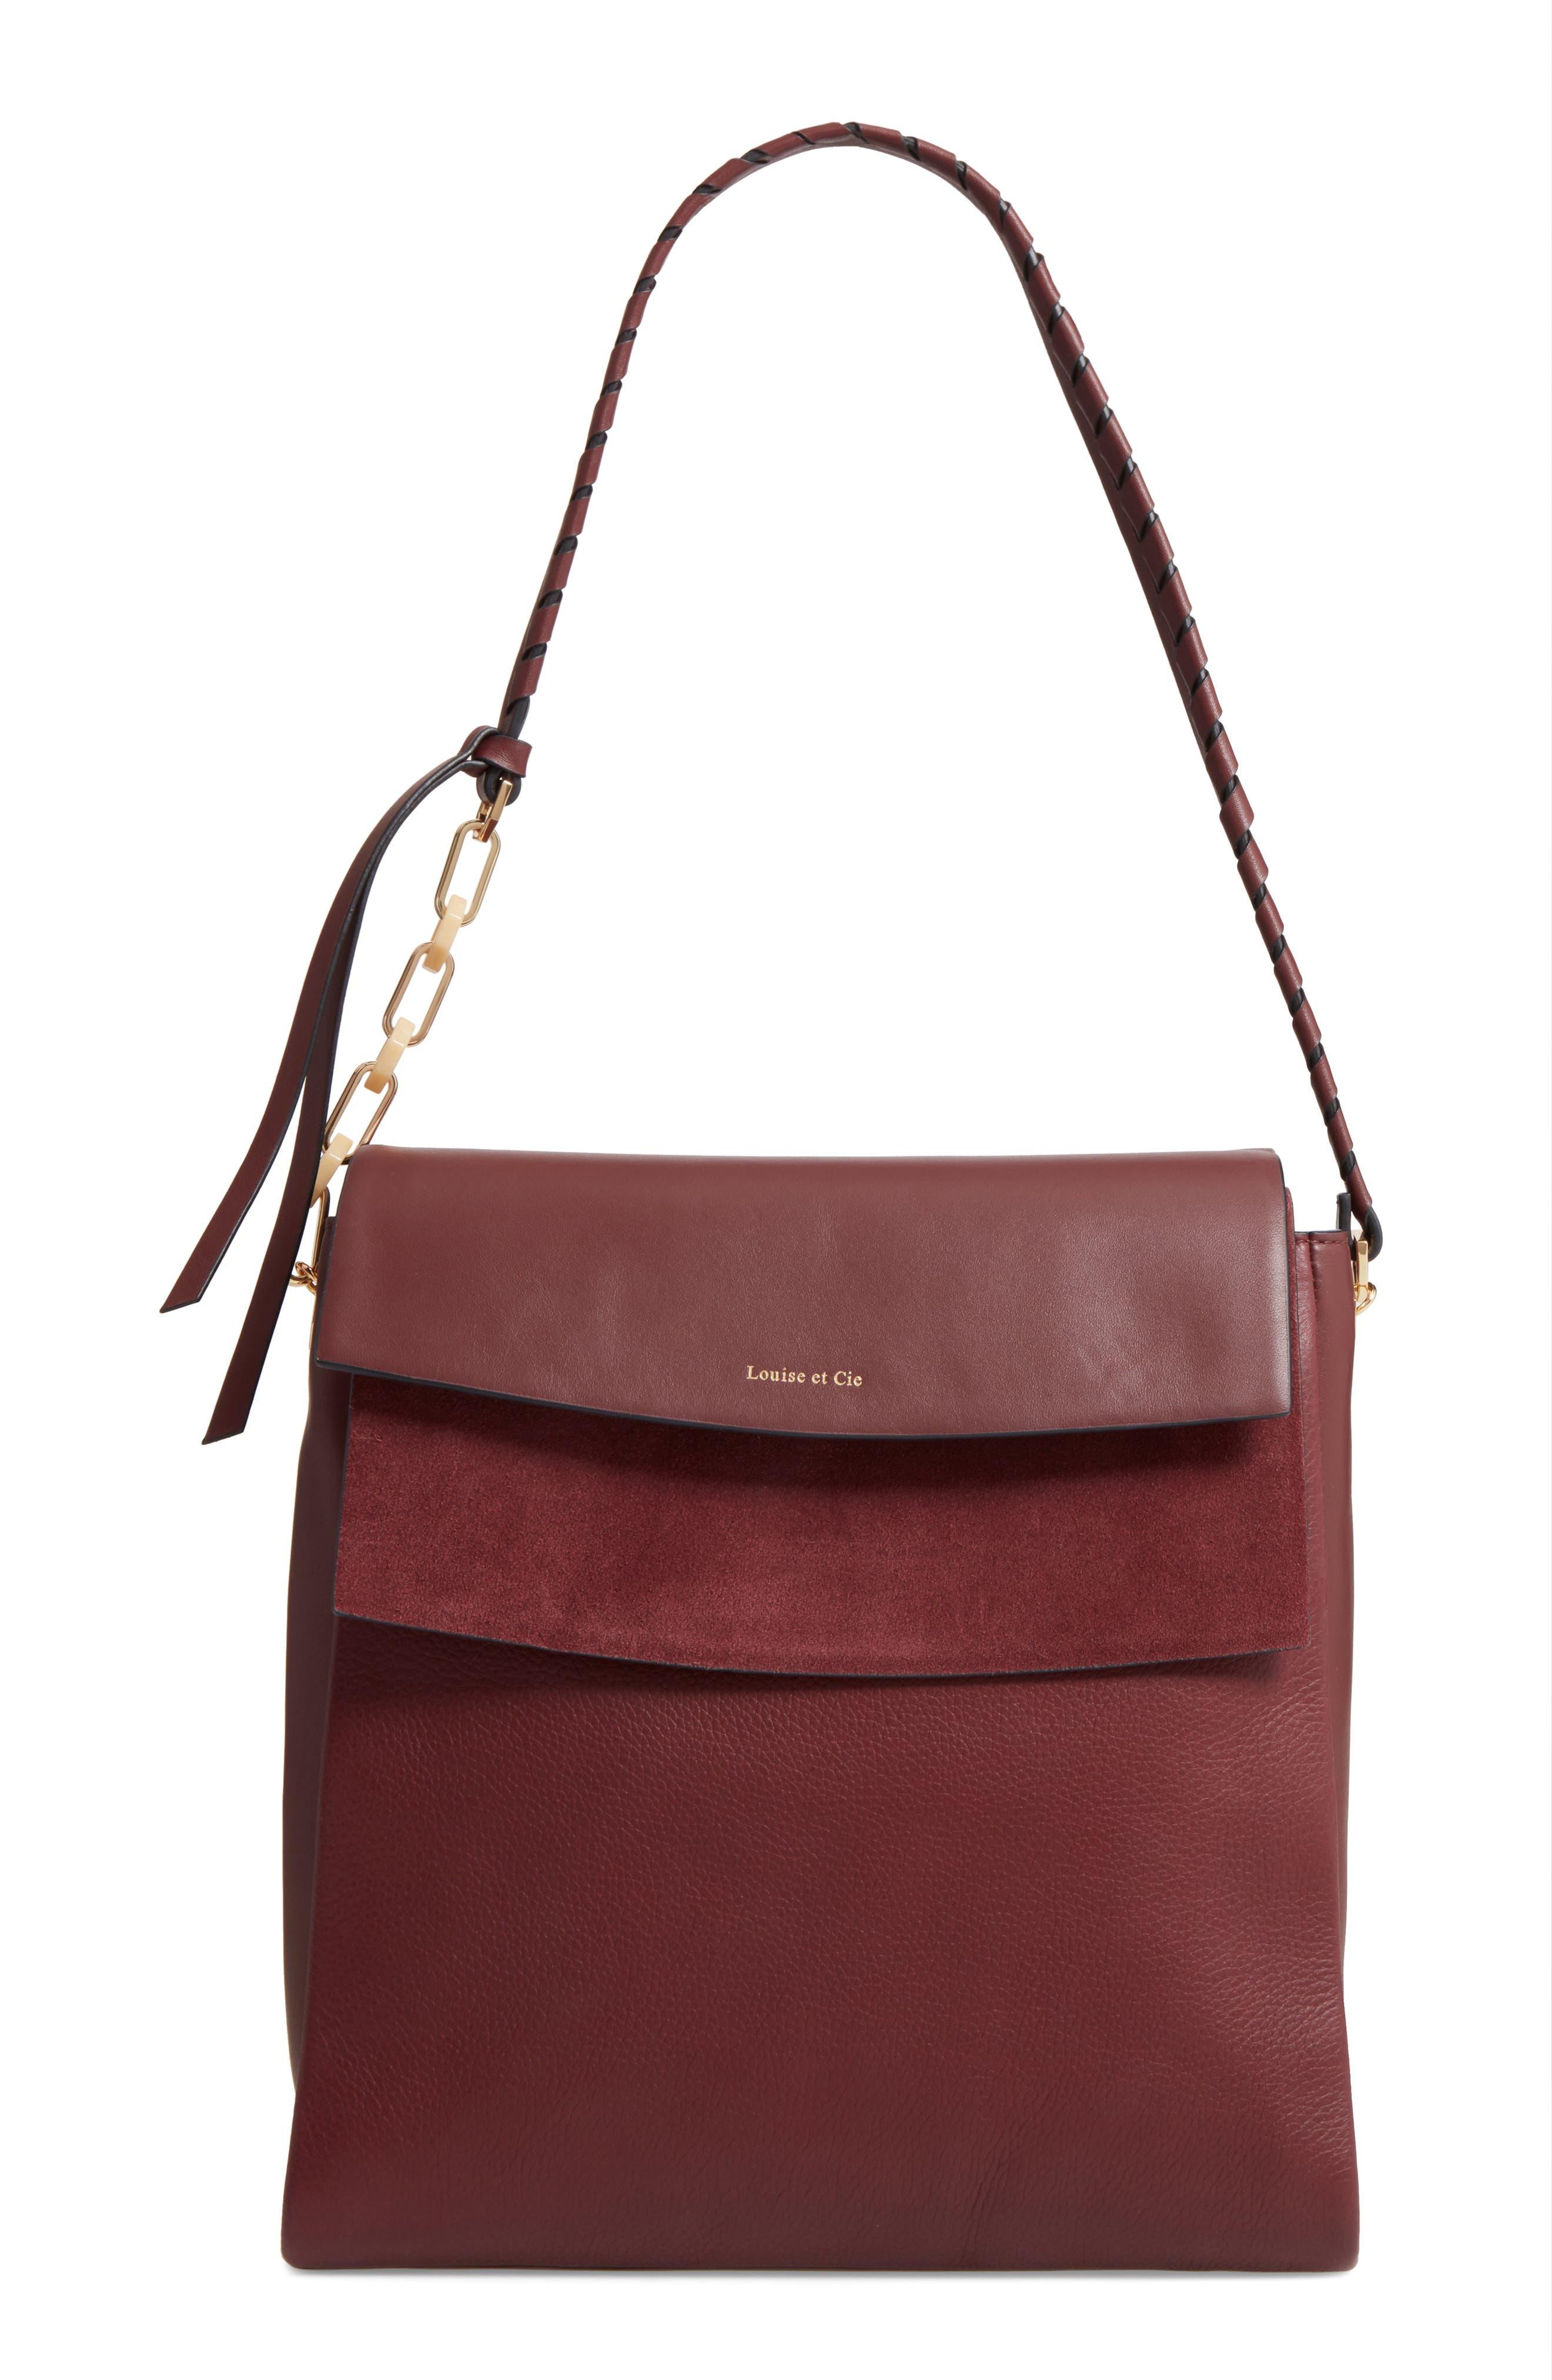 Louise et Cie Renea Shoulder Bag